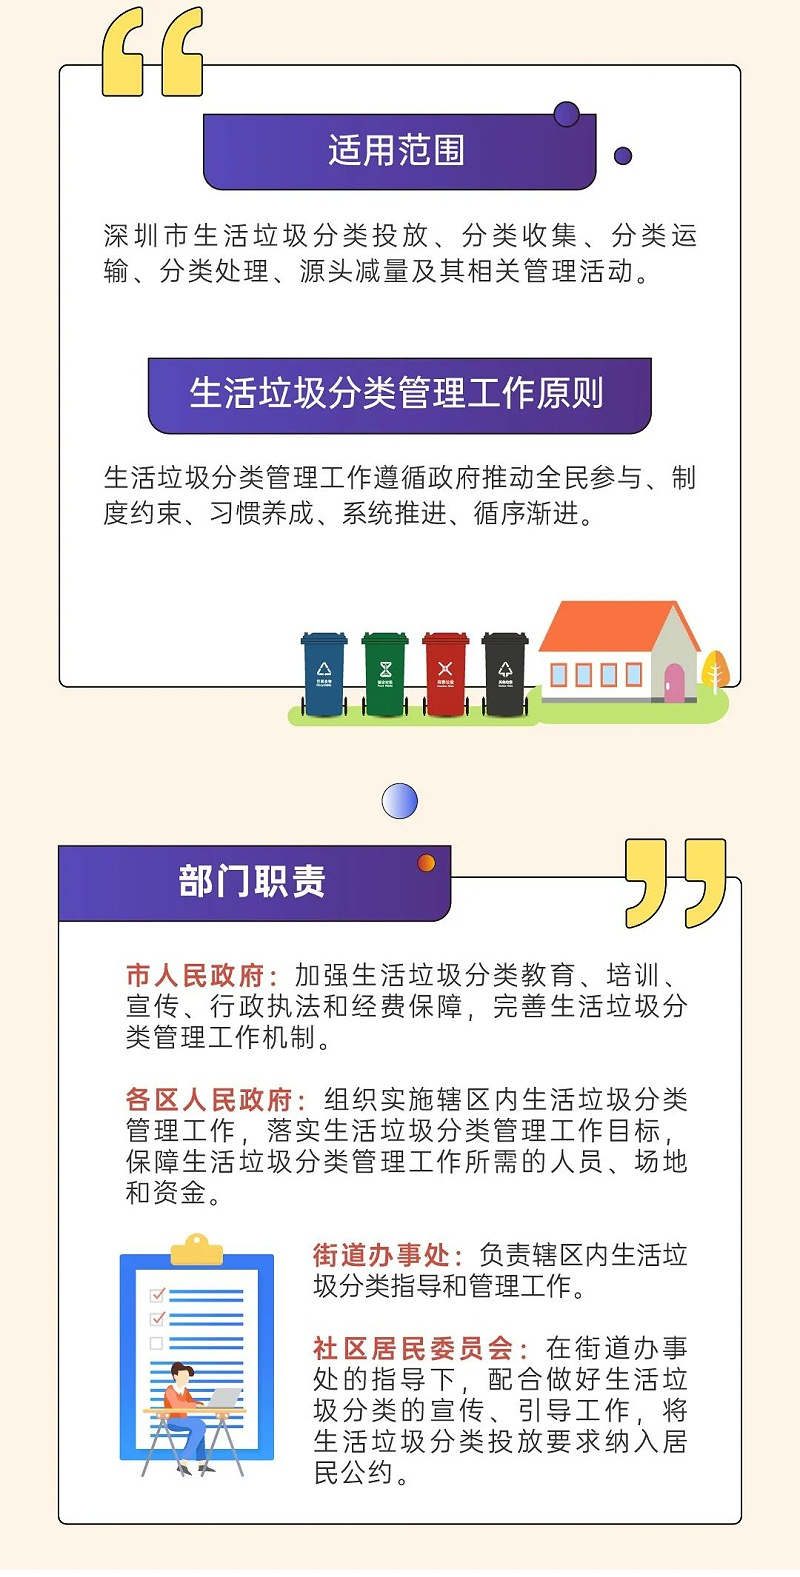 1深圳市生活垃圾分类管理条例正式实施-玉龙环保